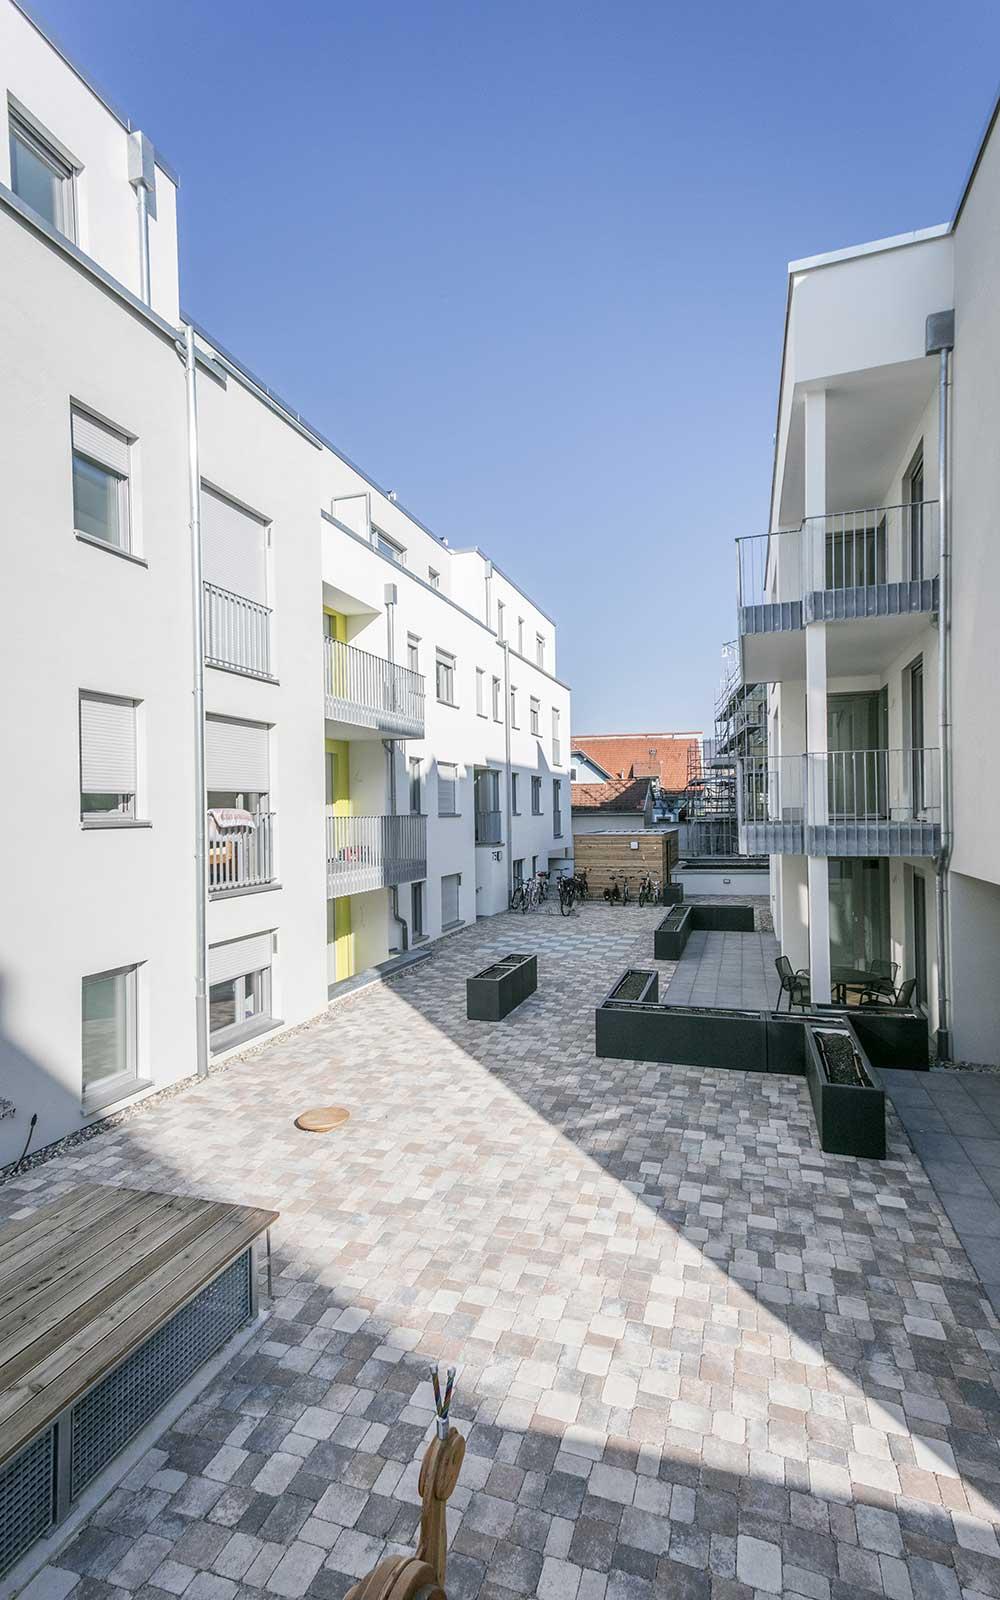 Eigentumswohnungen in Handschuhsheim, Kochhan und Weckbach Architektur